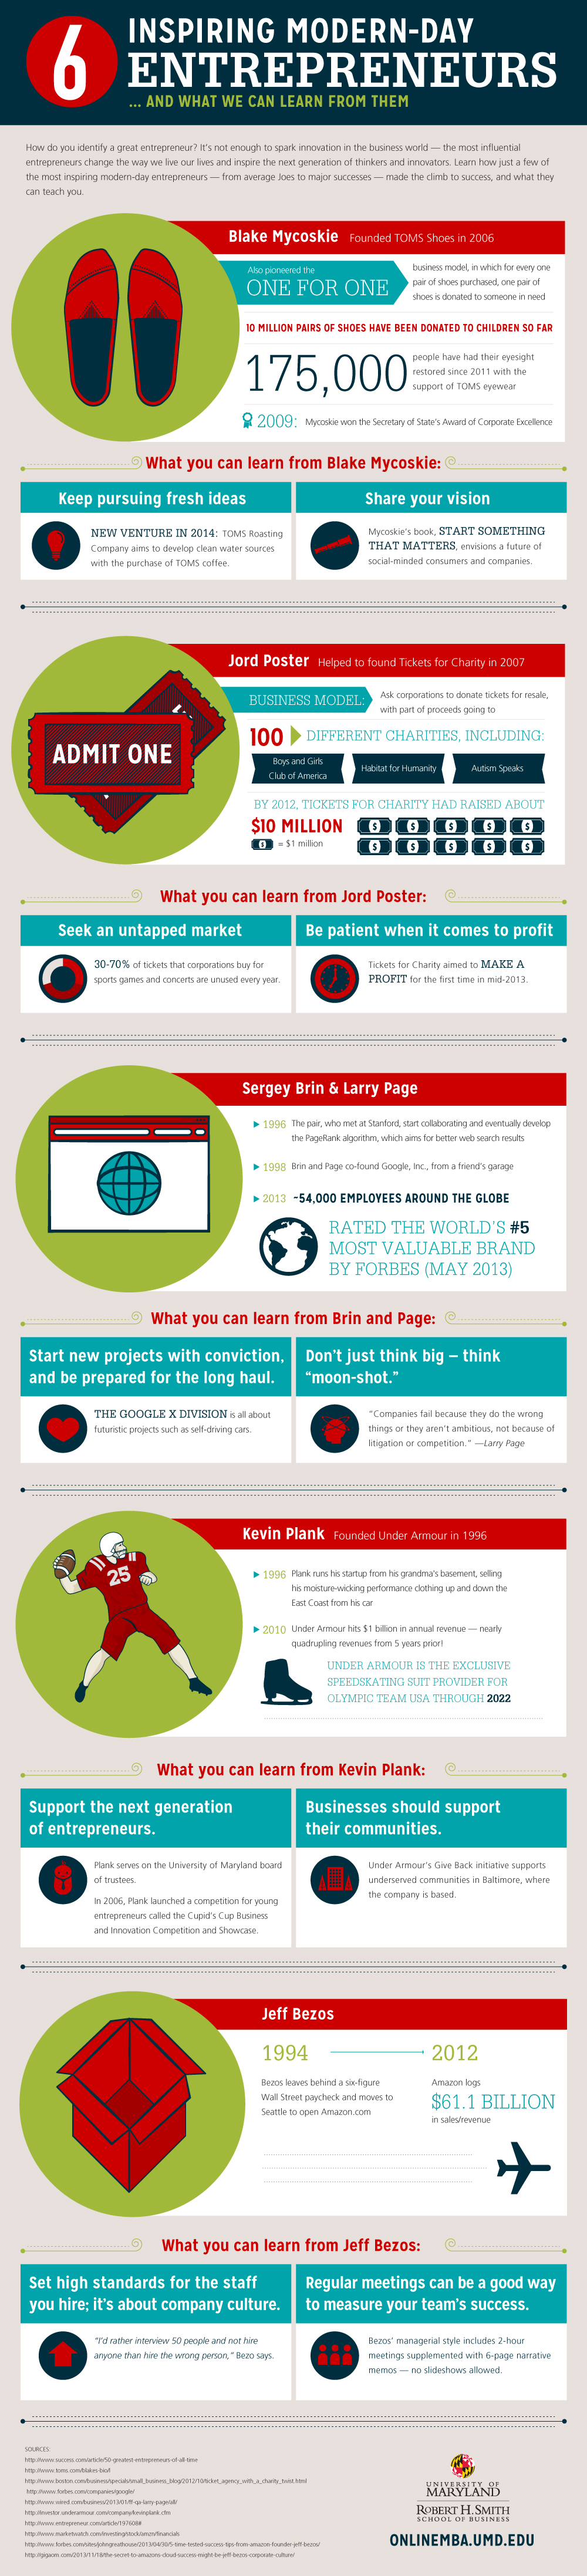 Inspiring-Entrepreneurs-Infographic